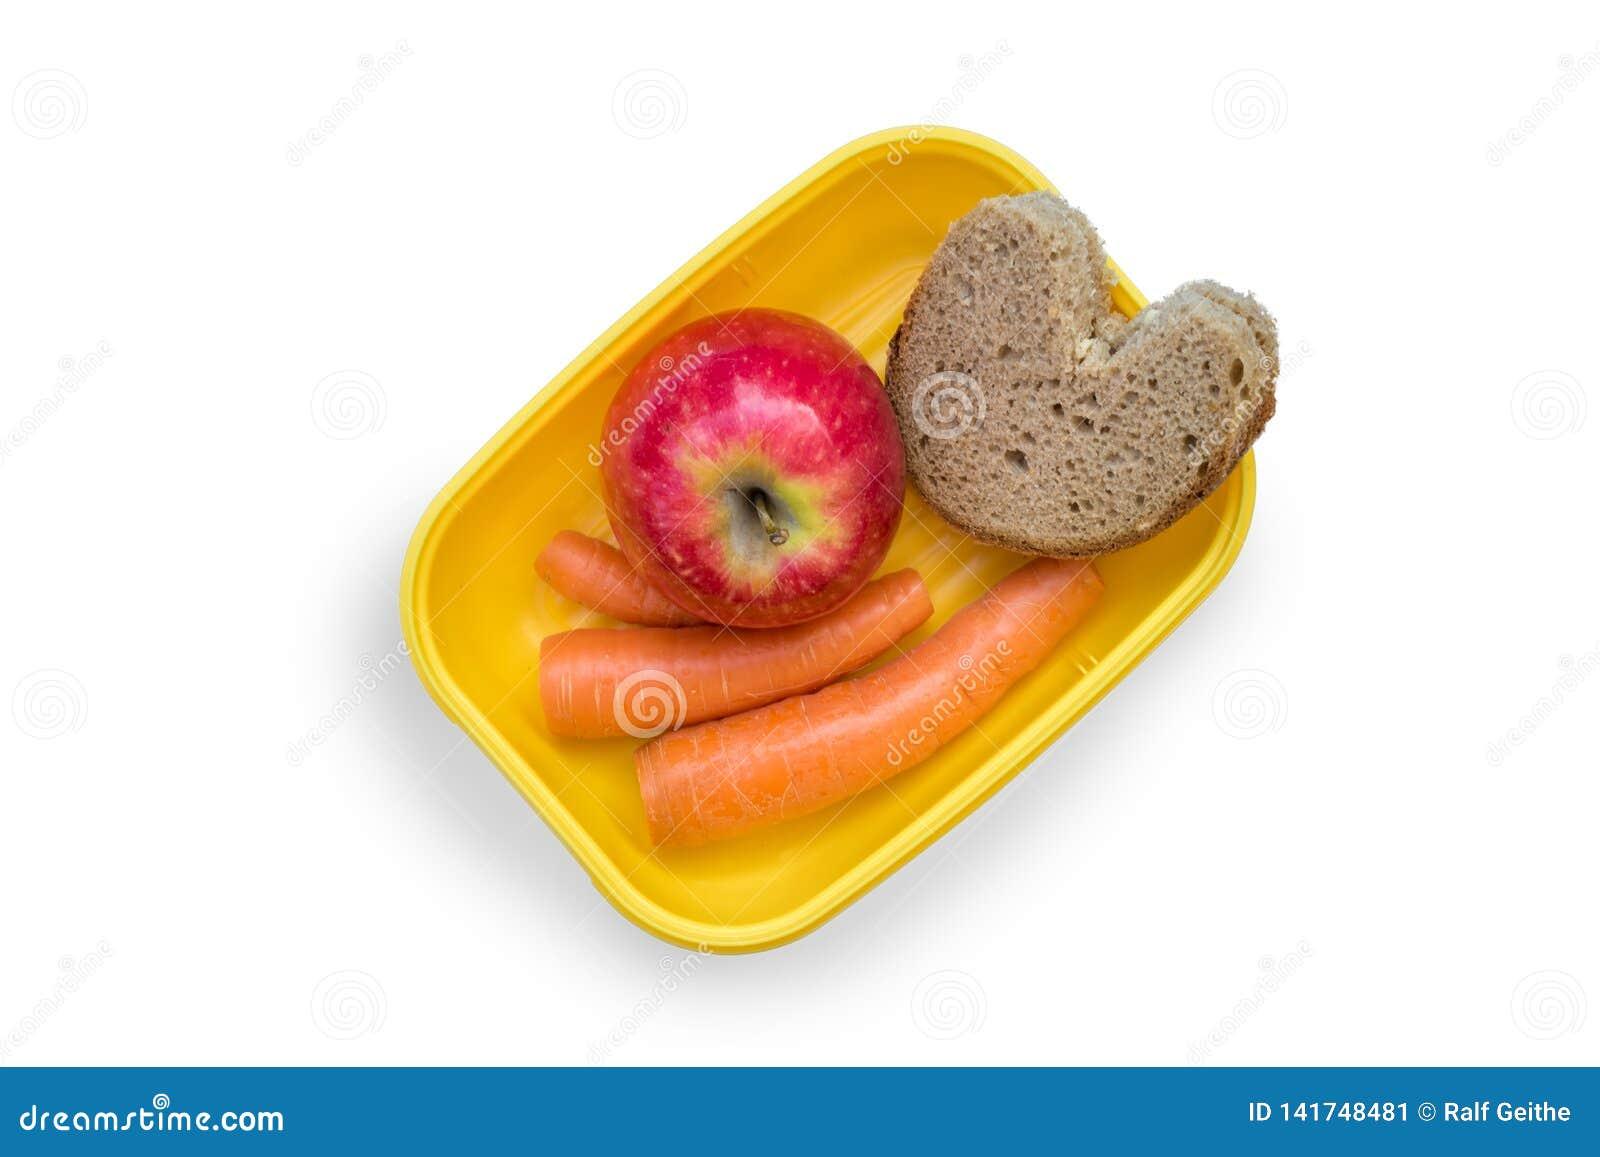 Στοργικά έτοιμο καλαθάκι με φαγητό με το ψωμί, το μήλο και τα καρότα μεσημεριανού γεύματος στο άσπρο υπόβαθρο